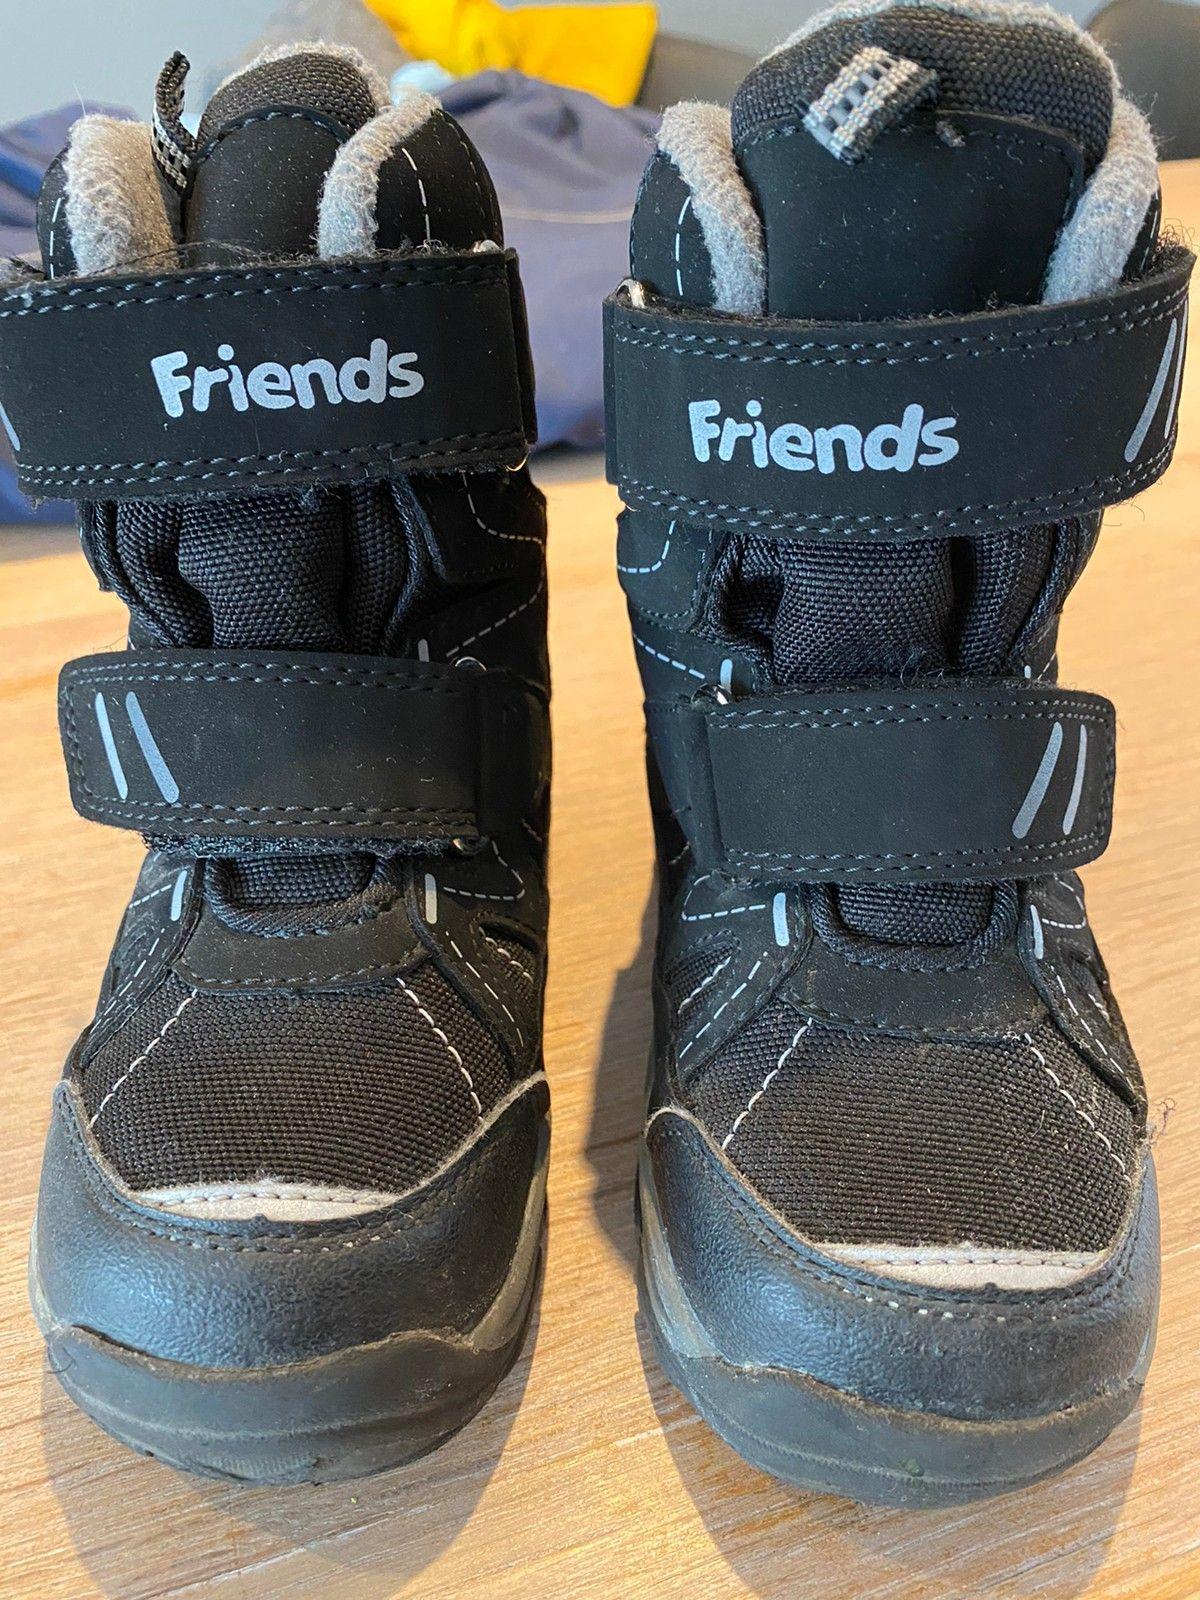 Barn sko og vinter støvler, fotballsko | FINN.no